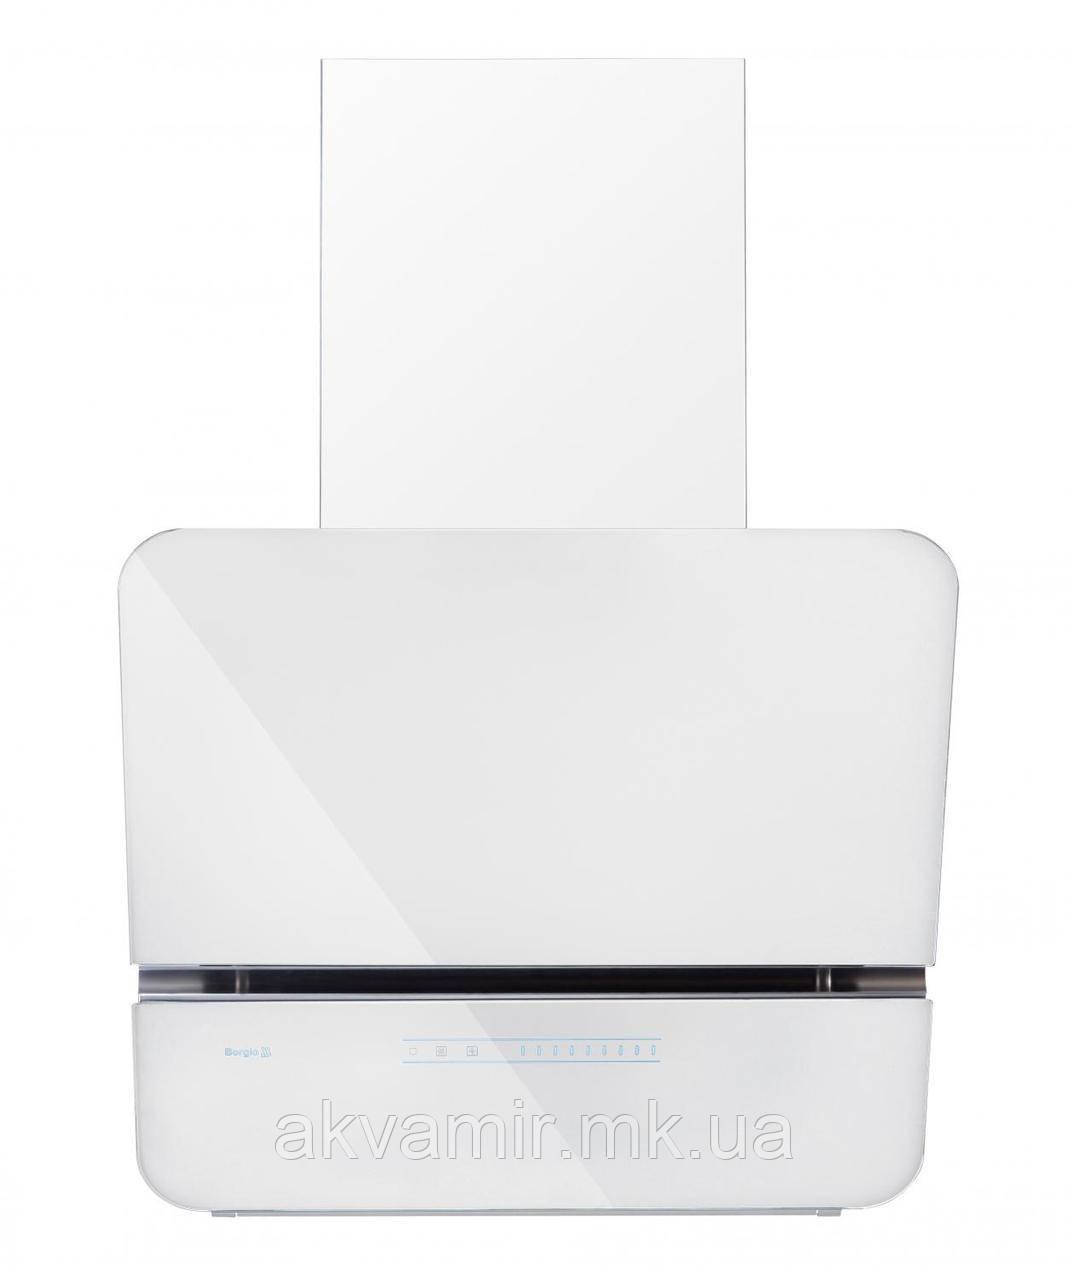 Вытяжка Borgio RNT-LX 60 SU (белое стекло, белый сенсор, 1300 м/куб)